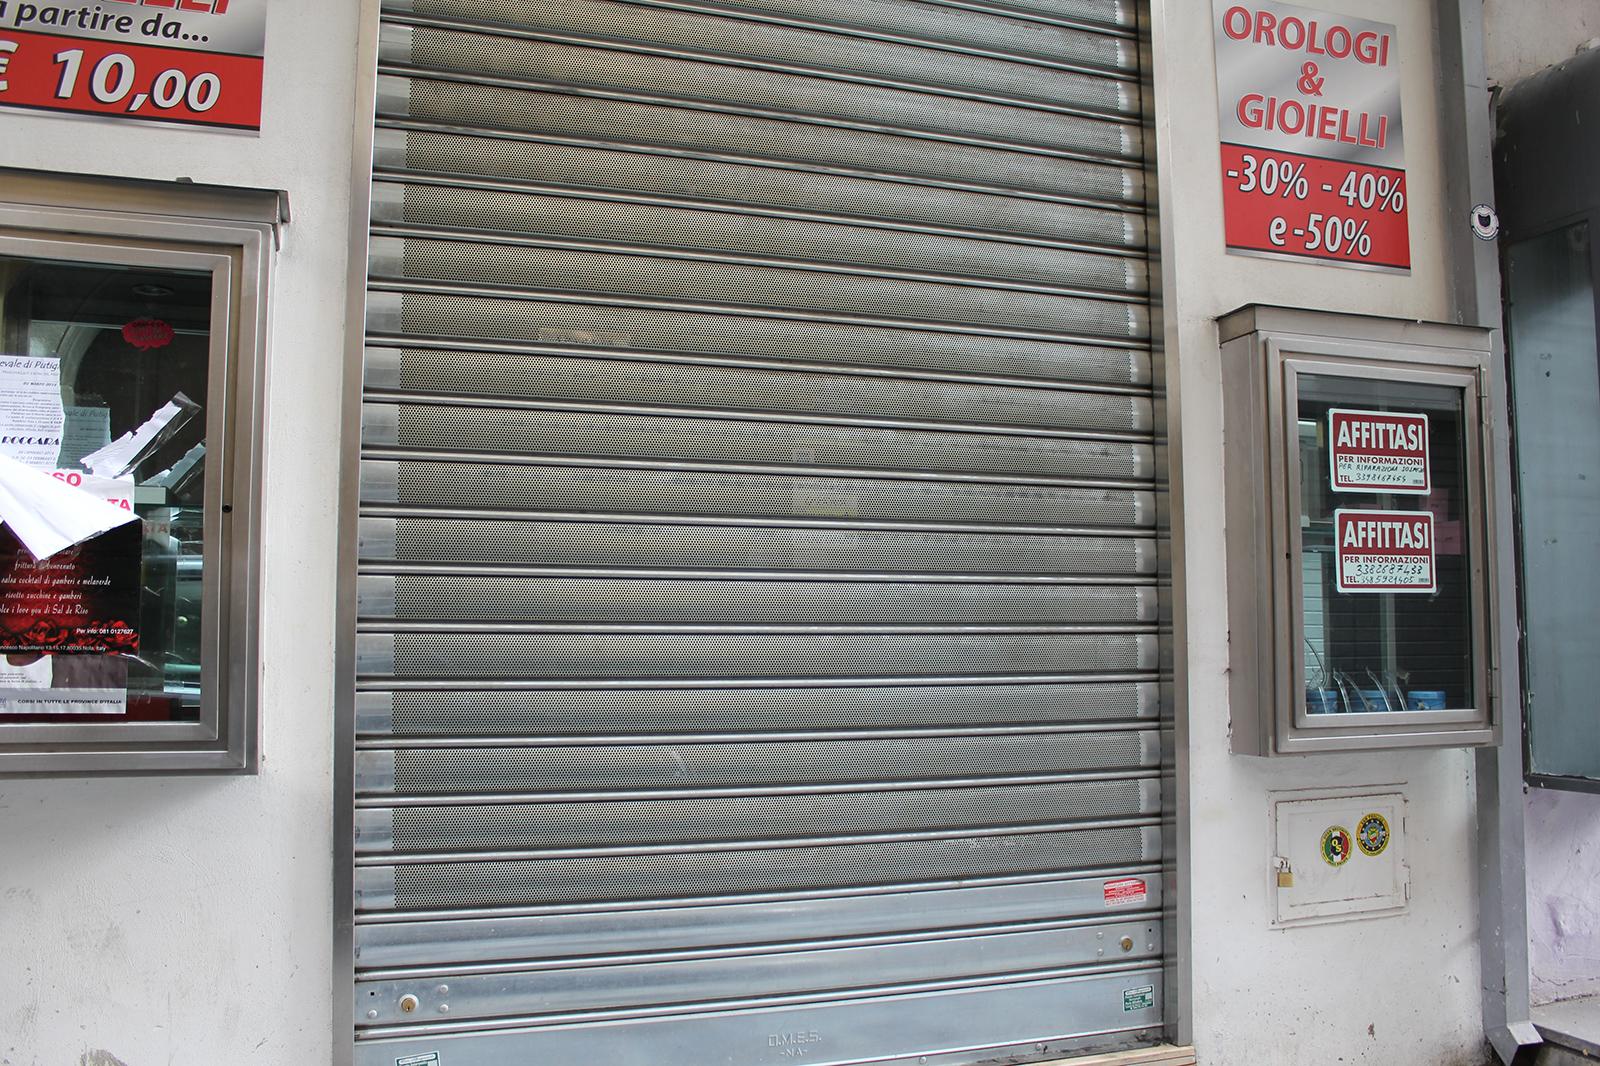 corso-tommaso-vitale-negozi-chiusi-4